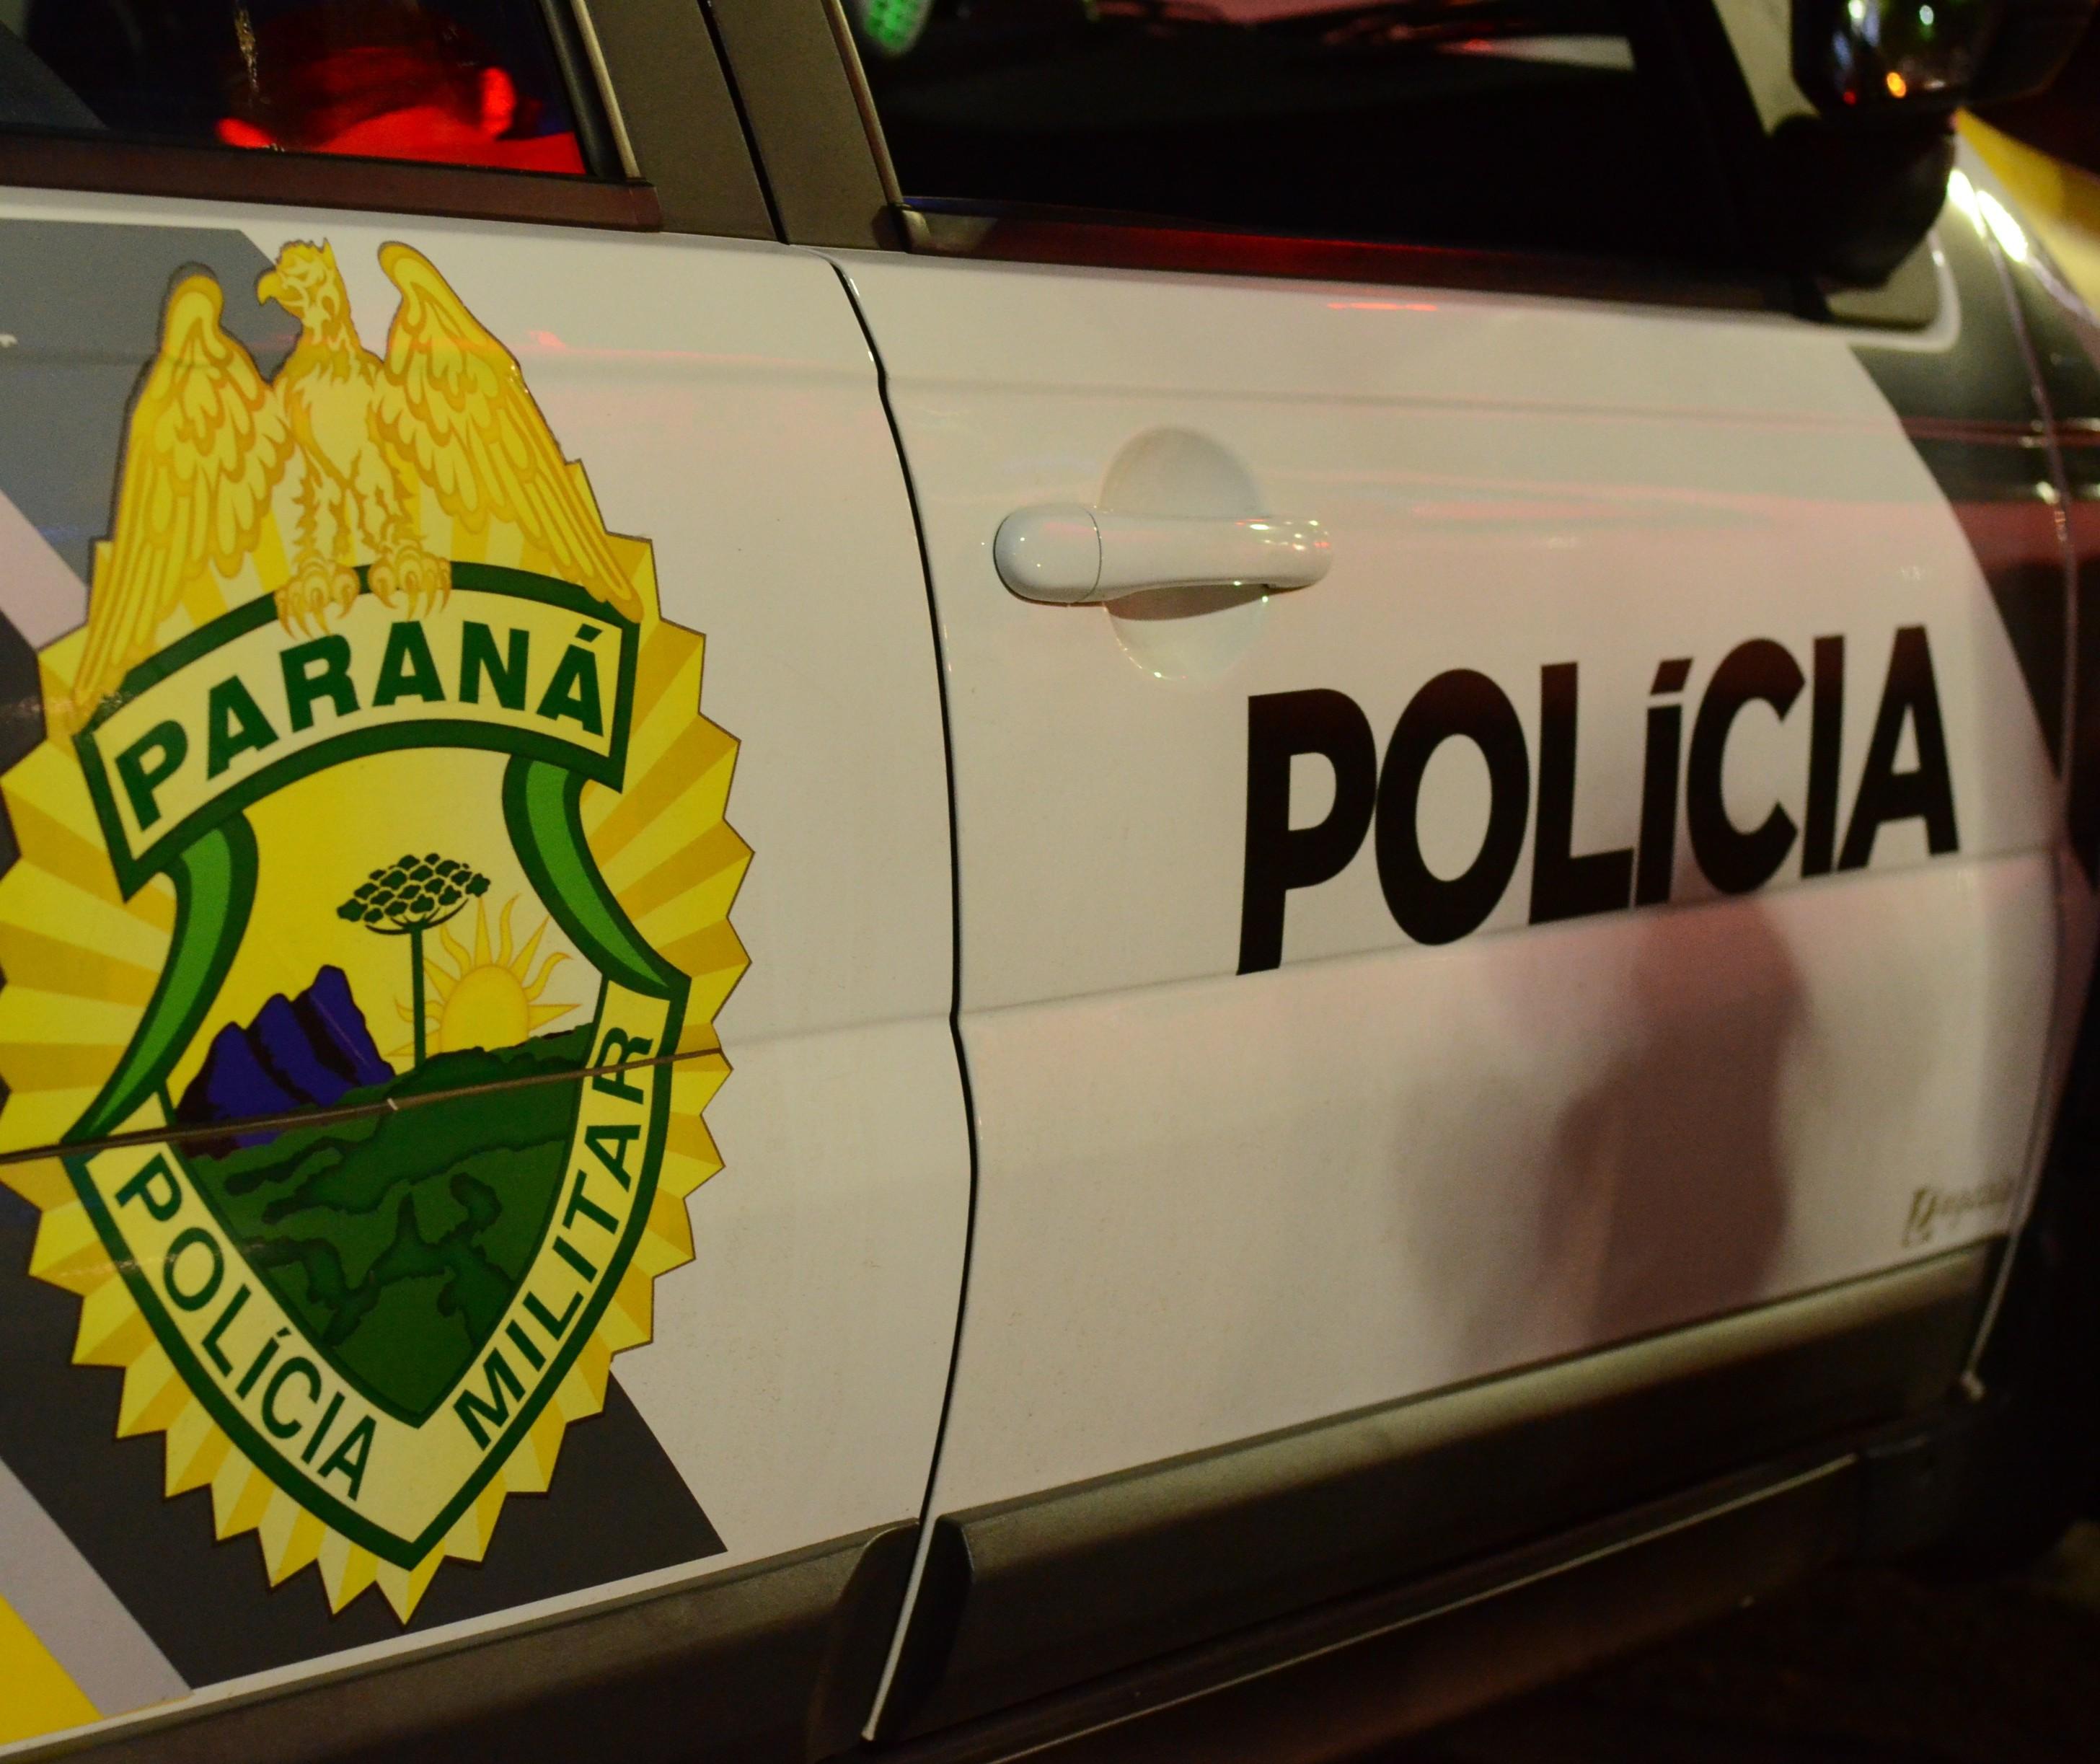 Pai chama a polícia para o filho de 14 anos que estava traficando